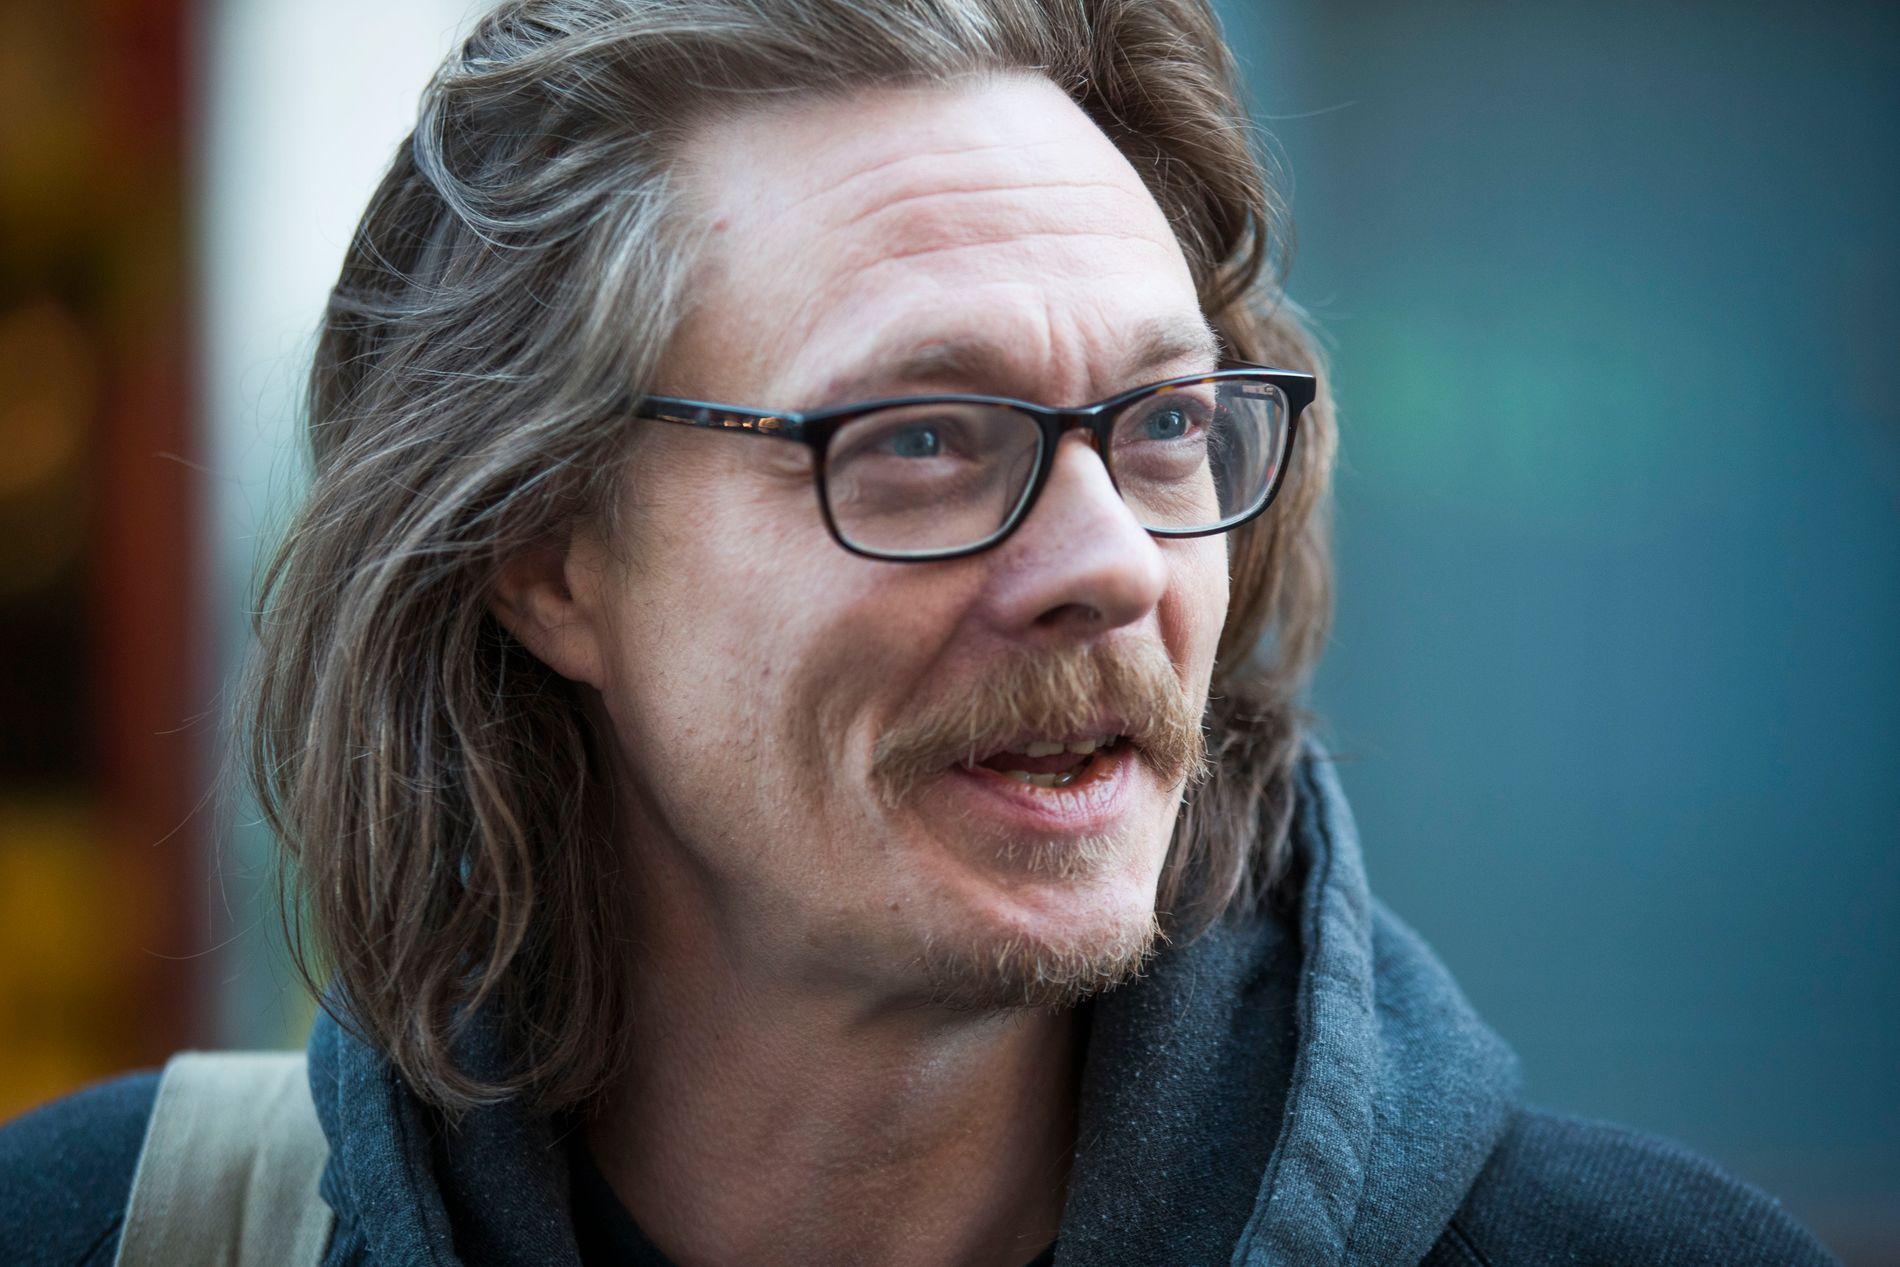 PÅ HJEMMEBANE: Kristoffer Joner (45) synes det var «veldig kjekt» å bli invitert til filmsettet like utenfor hjembyen Stavanger da Hollywood-filmen han selv har en rolle i, skulle spilles inn.